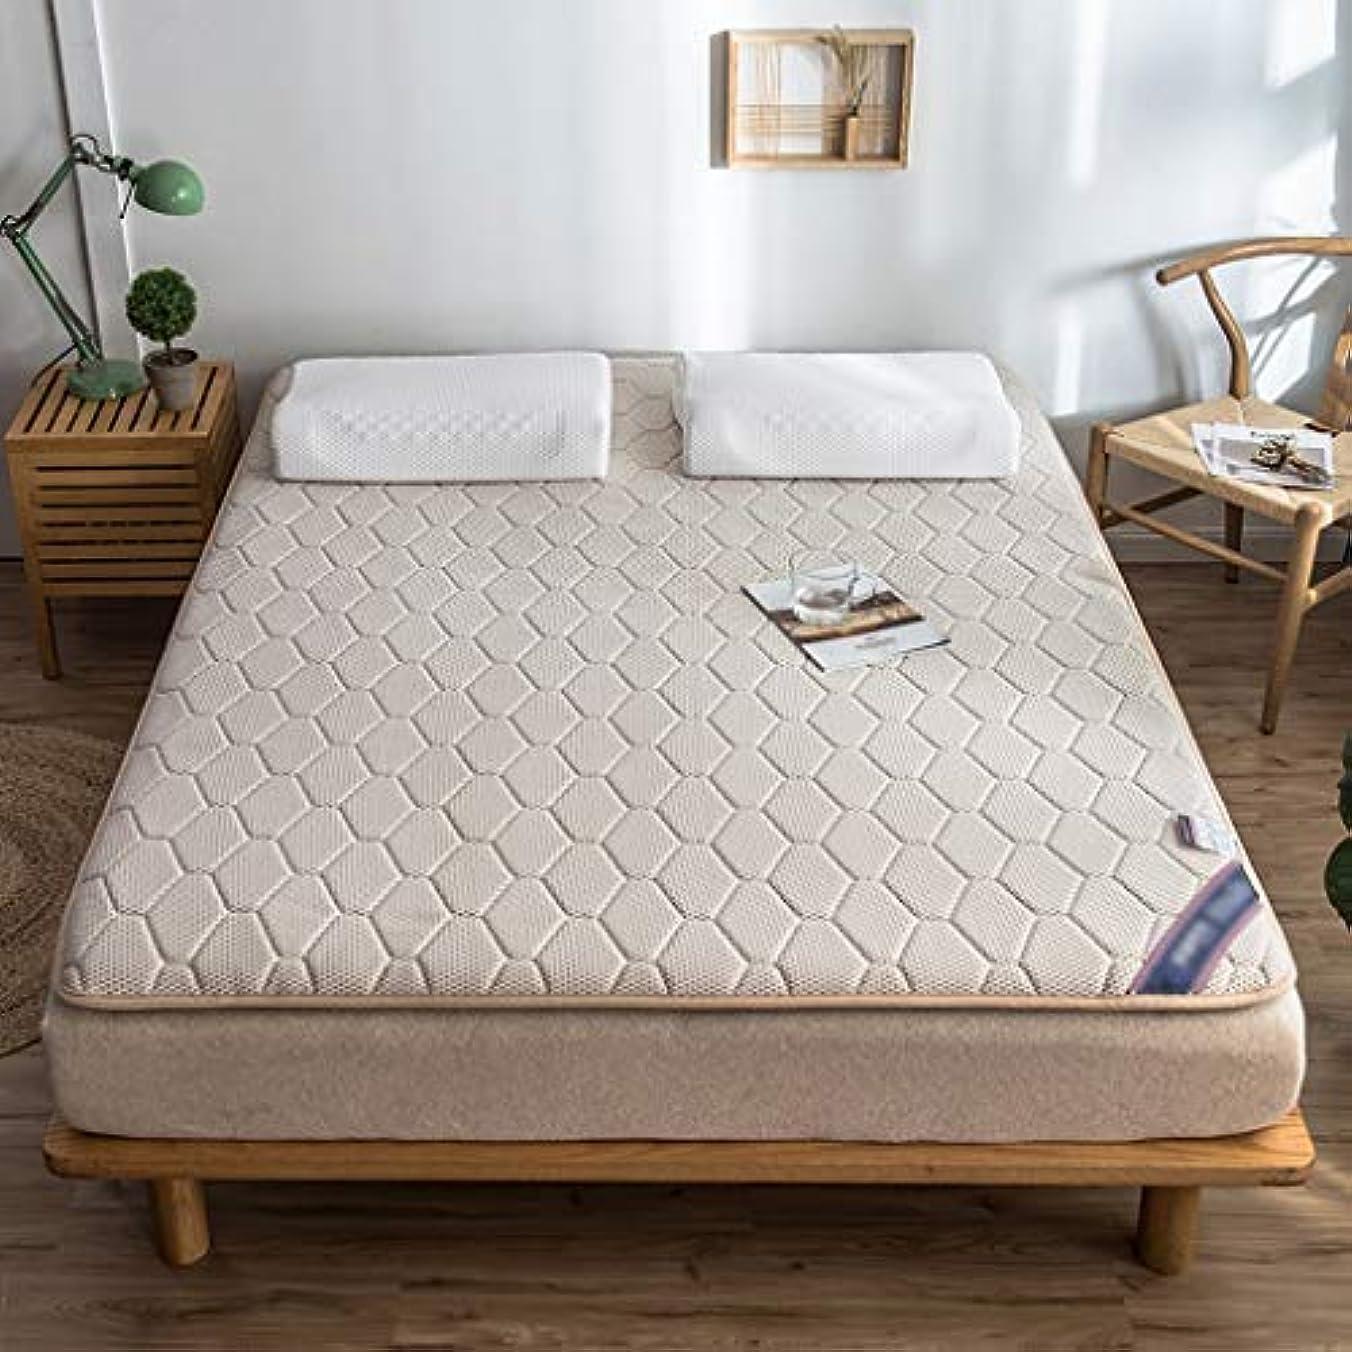 器用承知しました繁栄するマットレストッパーパッド天然ラテックスパッド畳ベッドカバー保護パッドフロアマット家庭用クッション (色 : Khaki, サイズさいず : 90×200cm)